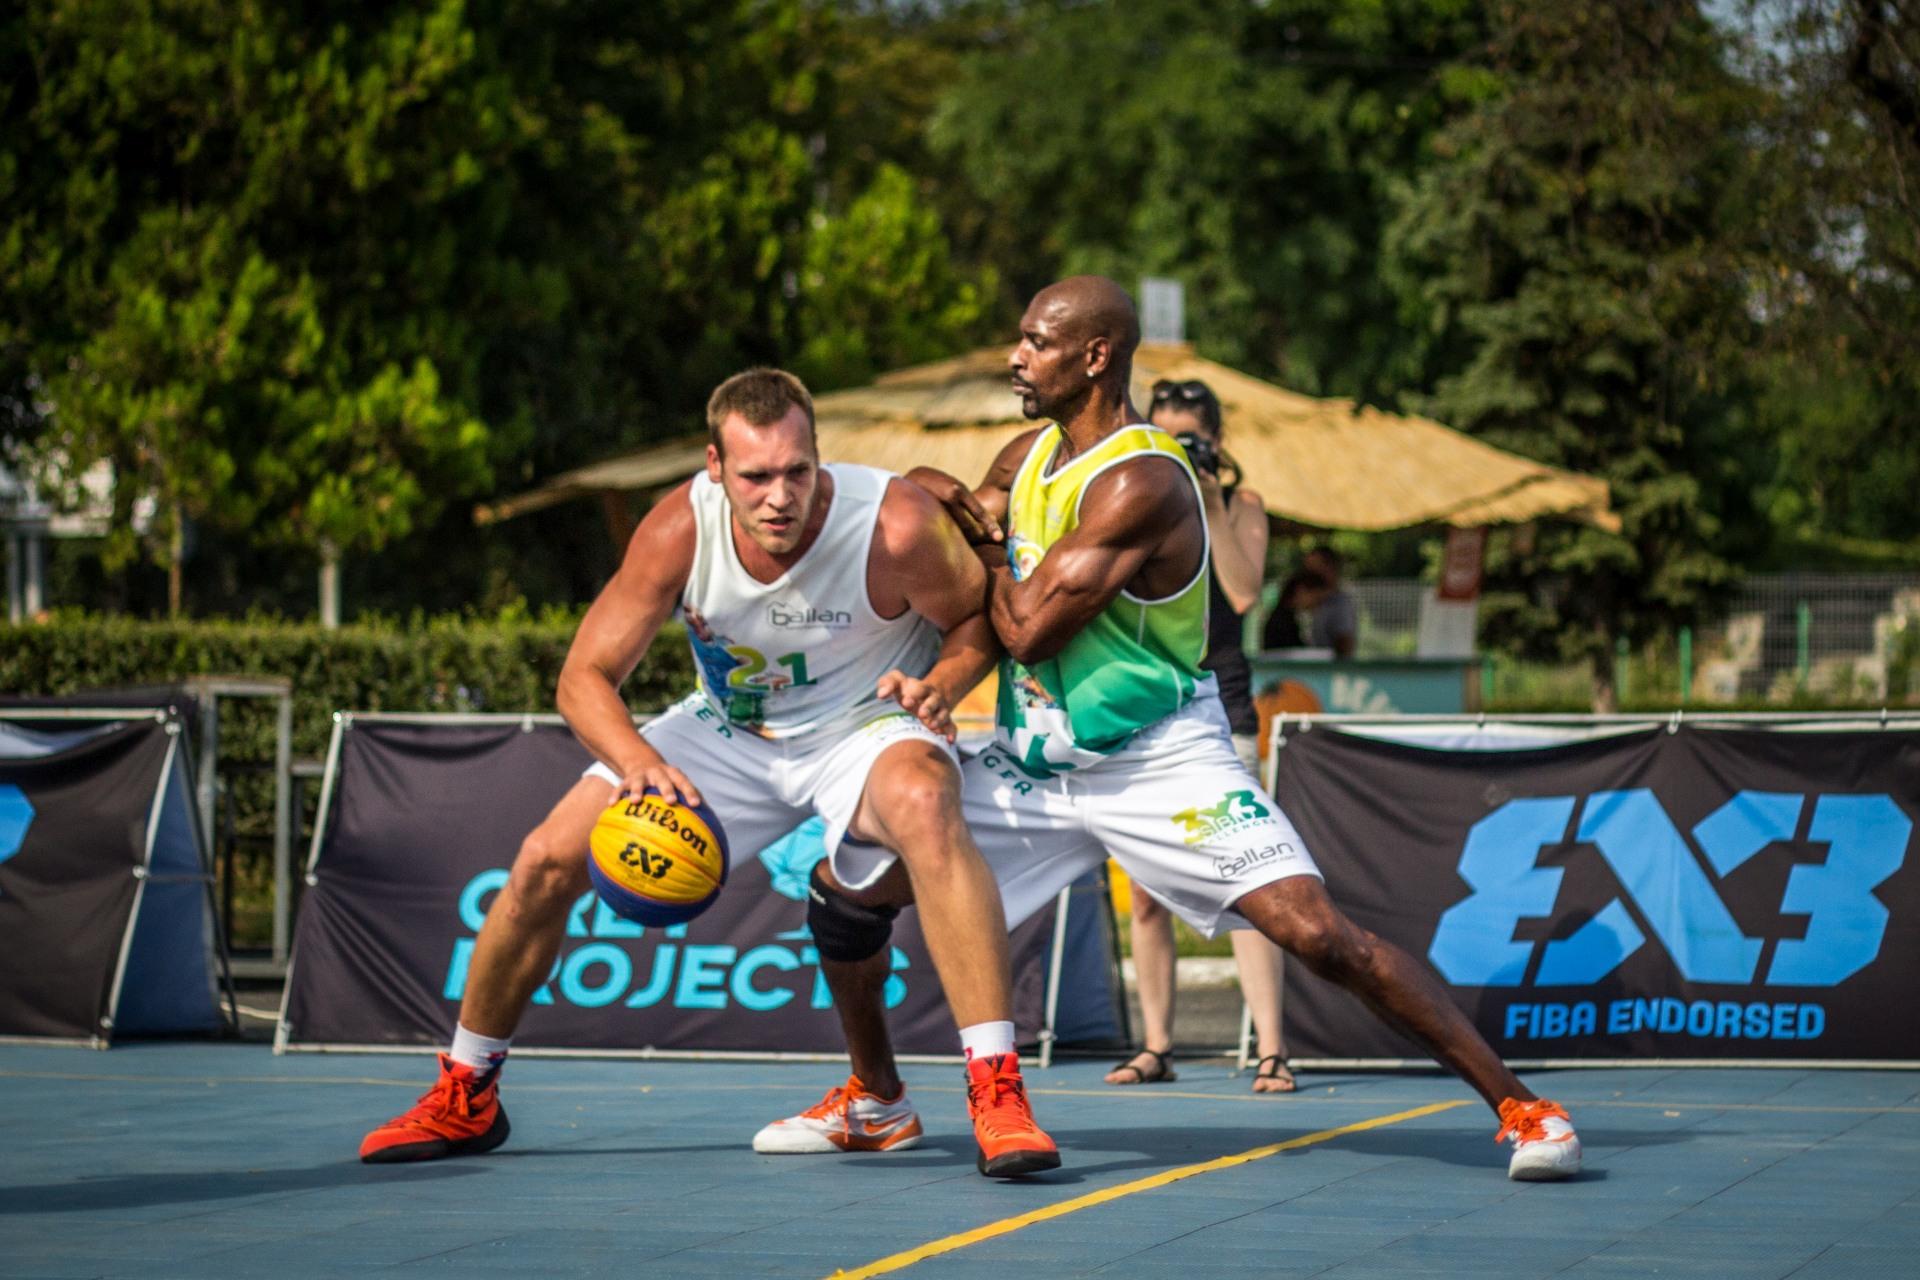 Peste 250 de sportivi amatori și profesioniști joacă baschet 3x3, timp de patru zile, la Sibiu